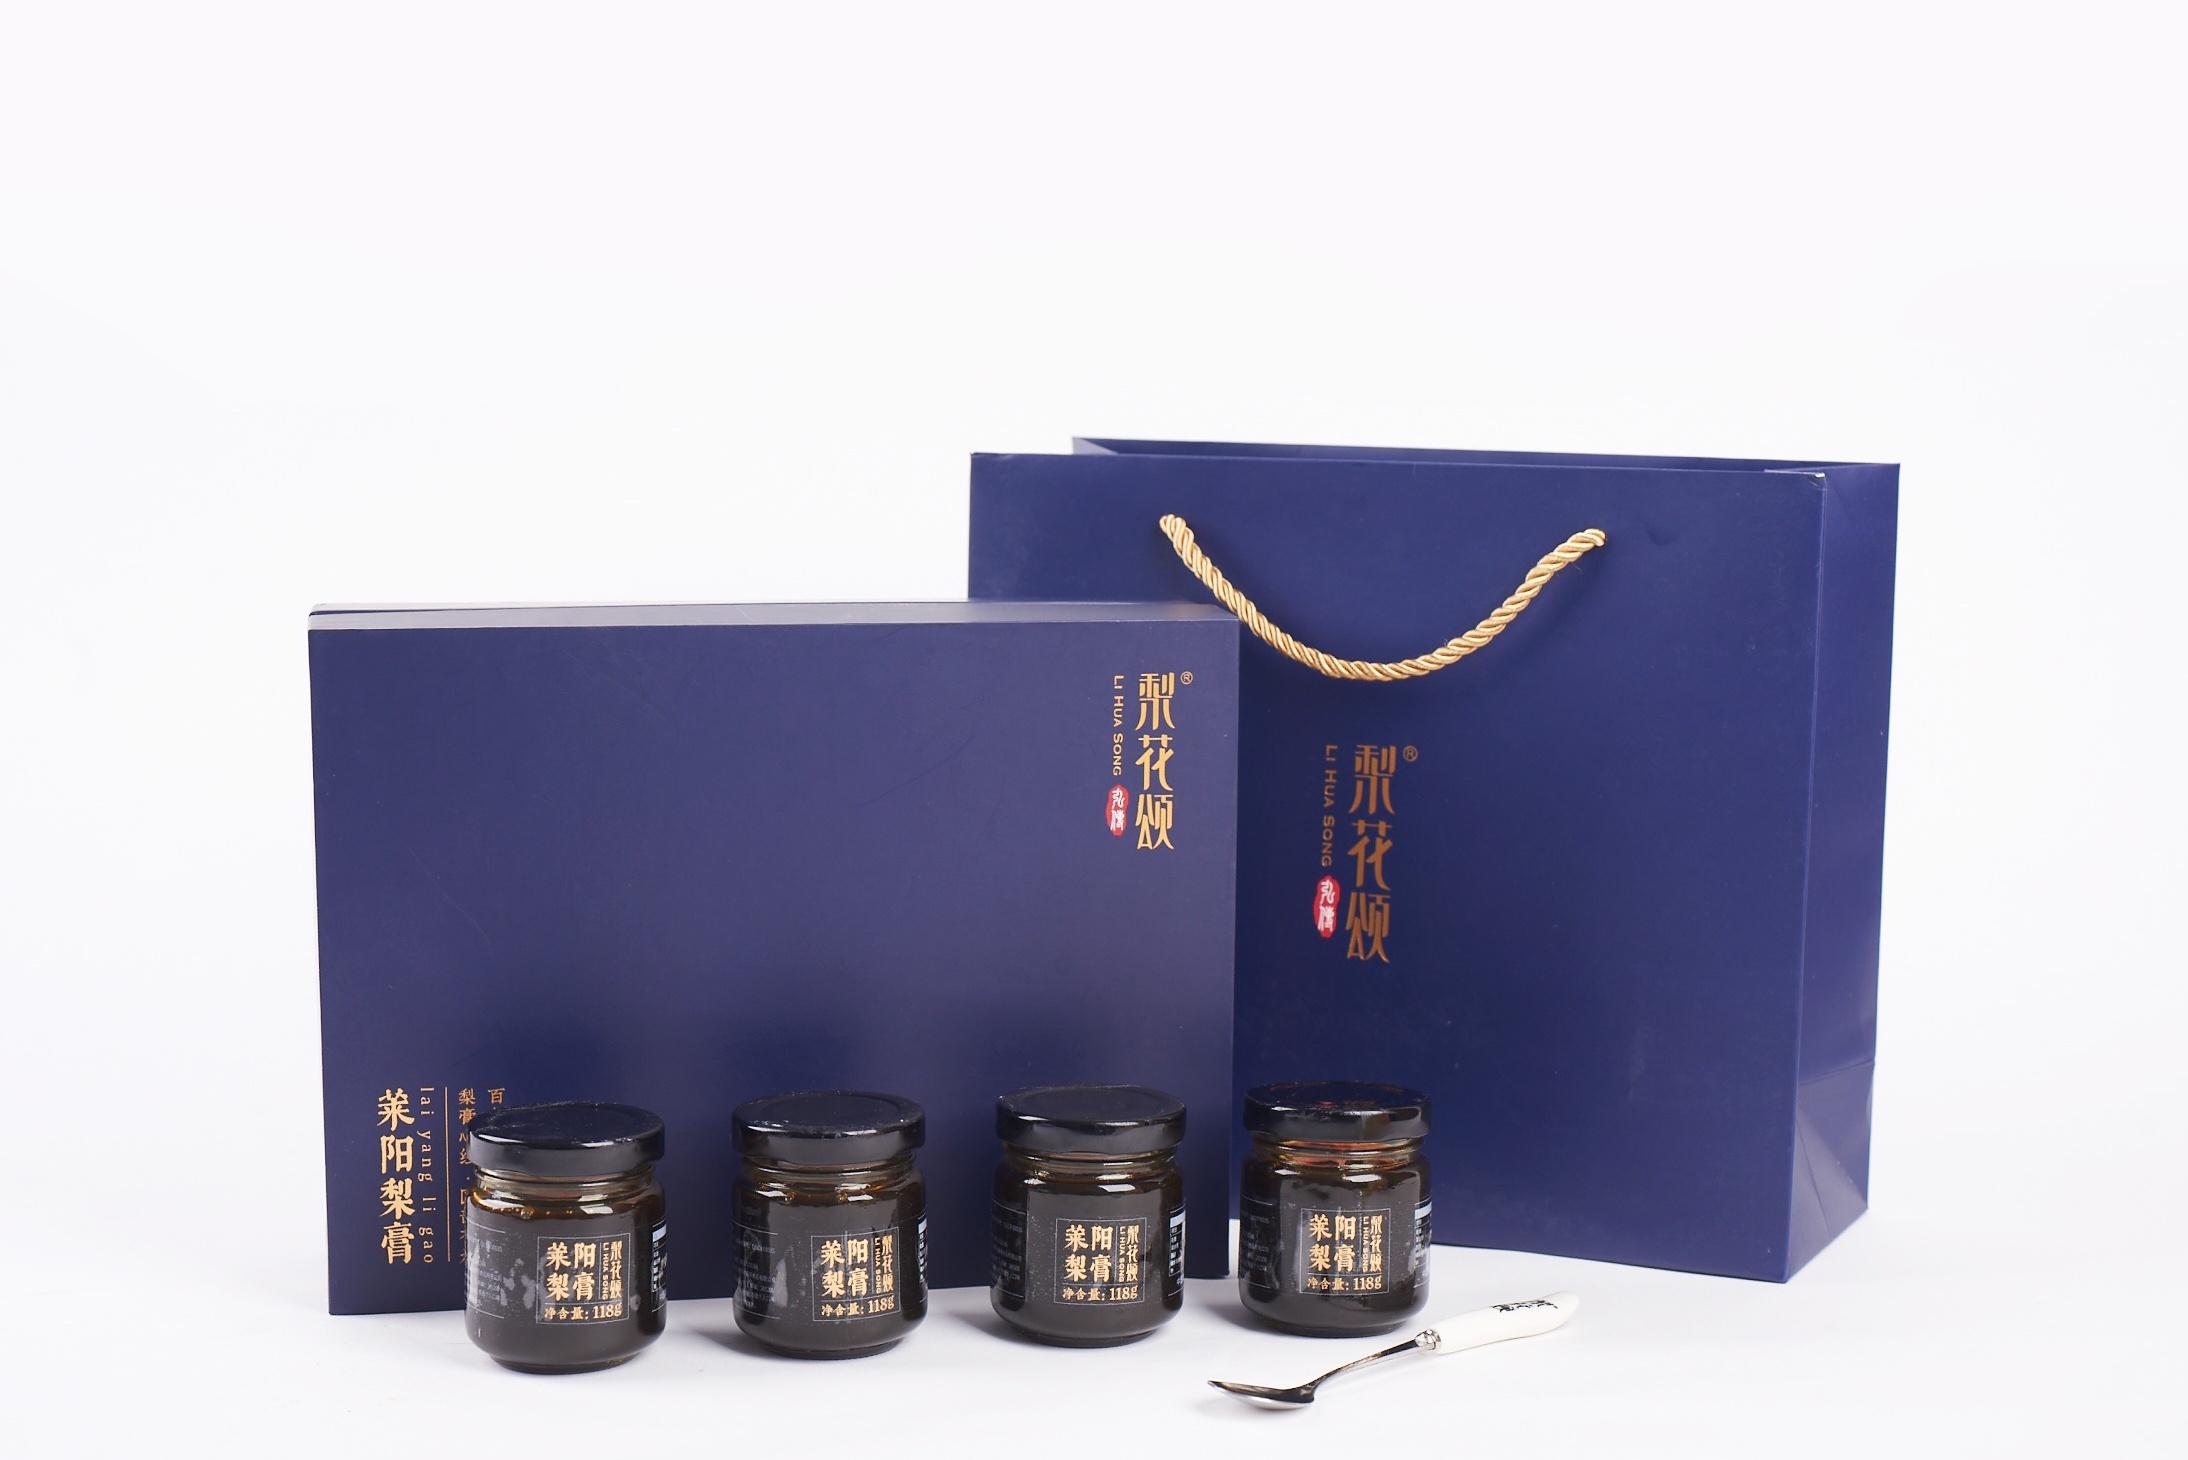 四瓶装精装礼盒梨膏